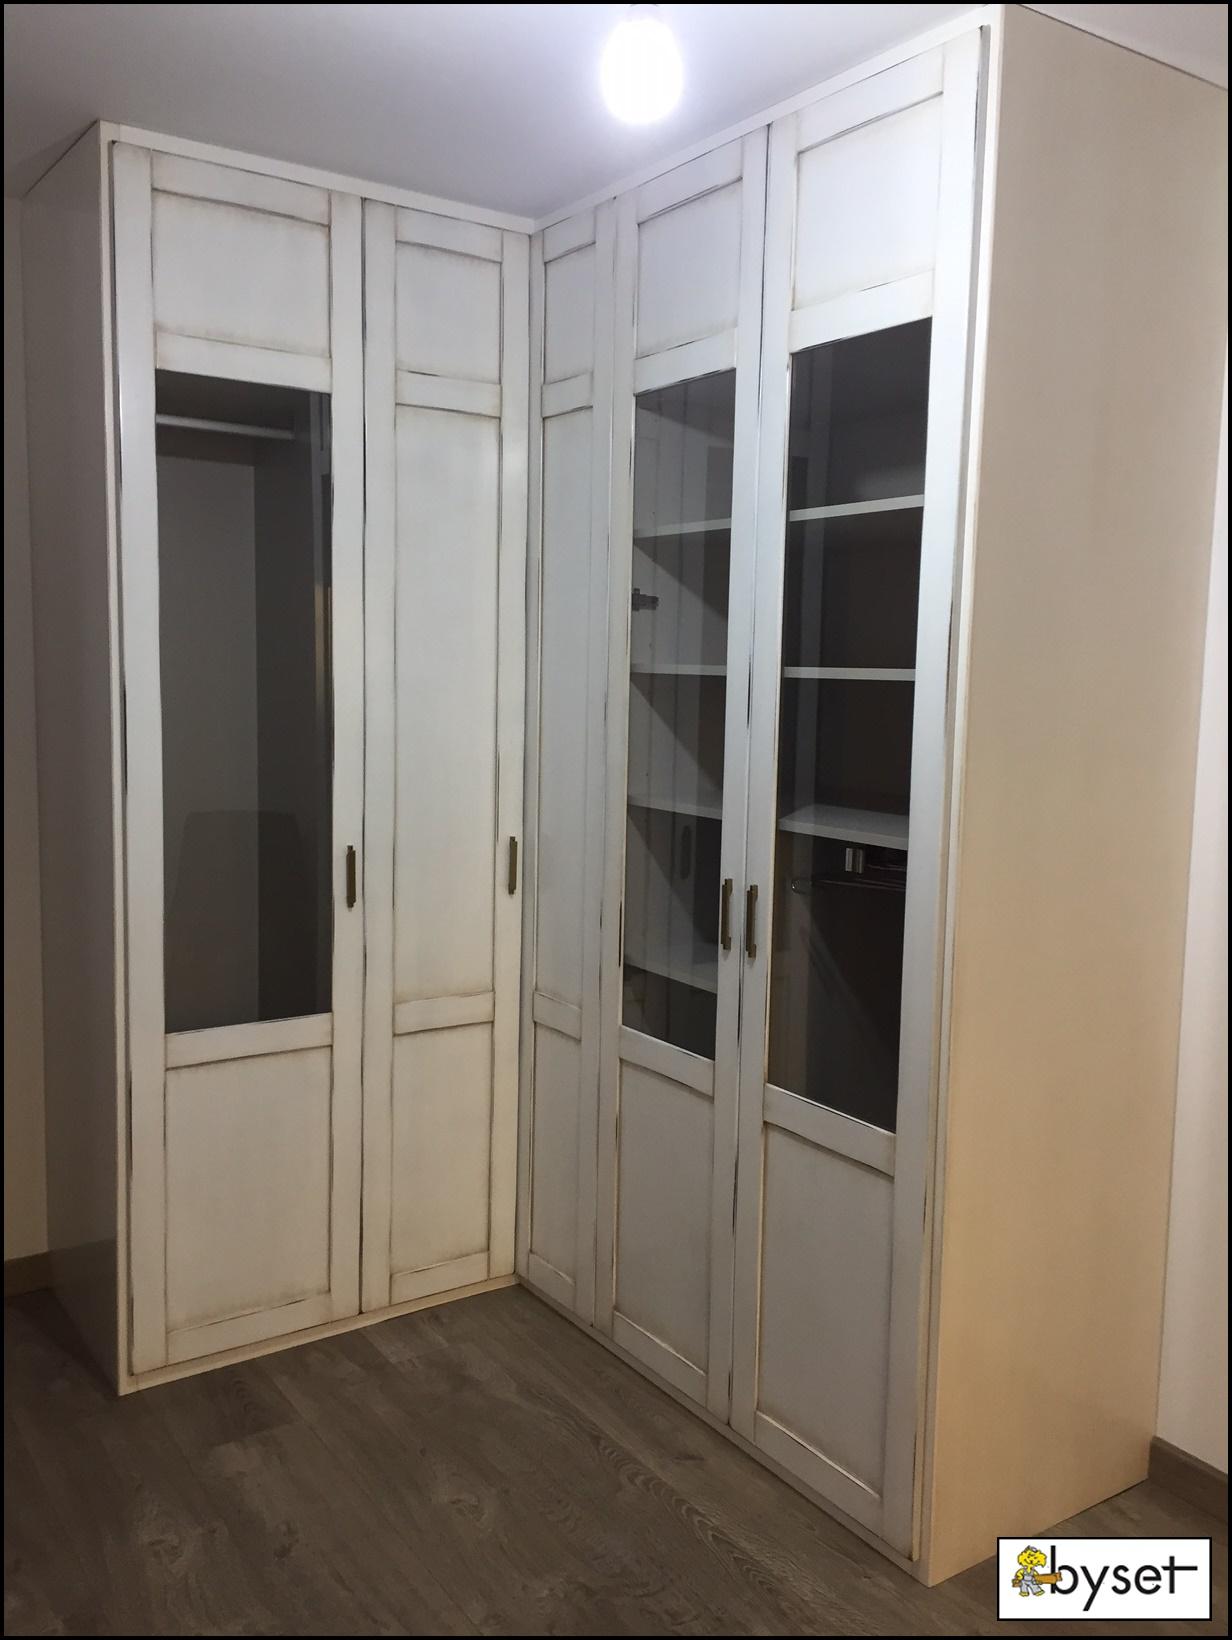 Armario abatible dos puertas lacado blanco mueblesbyset - Presupuesto armarios empotrados ...